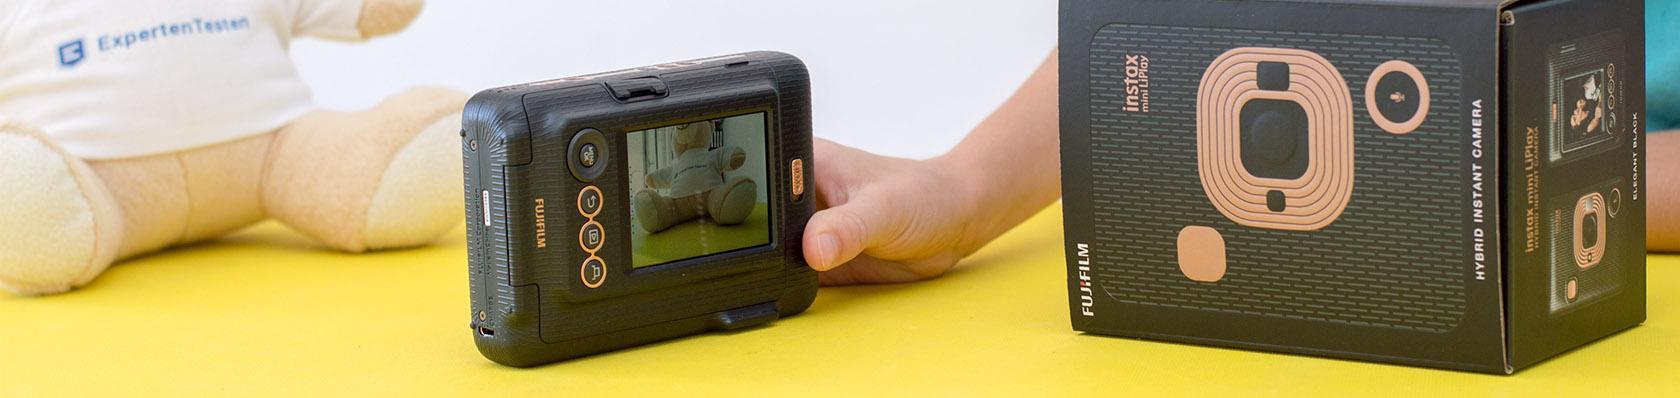 Kamera Pocket im Test auf ExpertenTesten.de